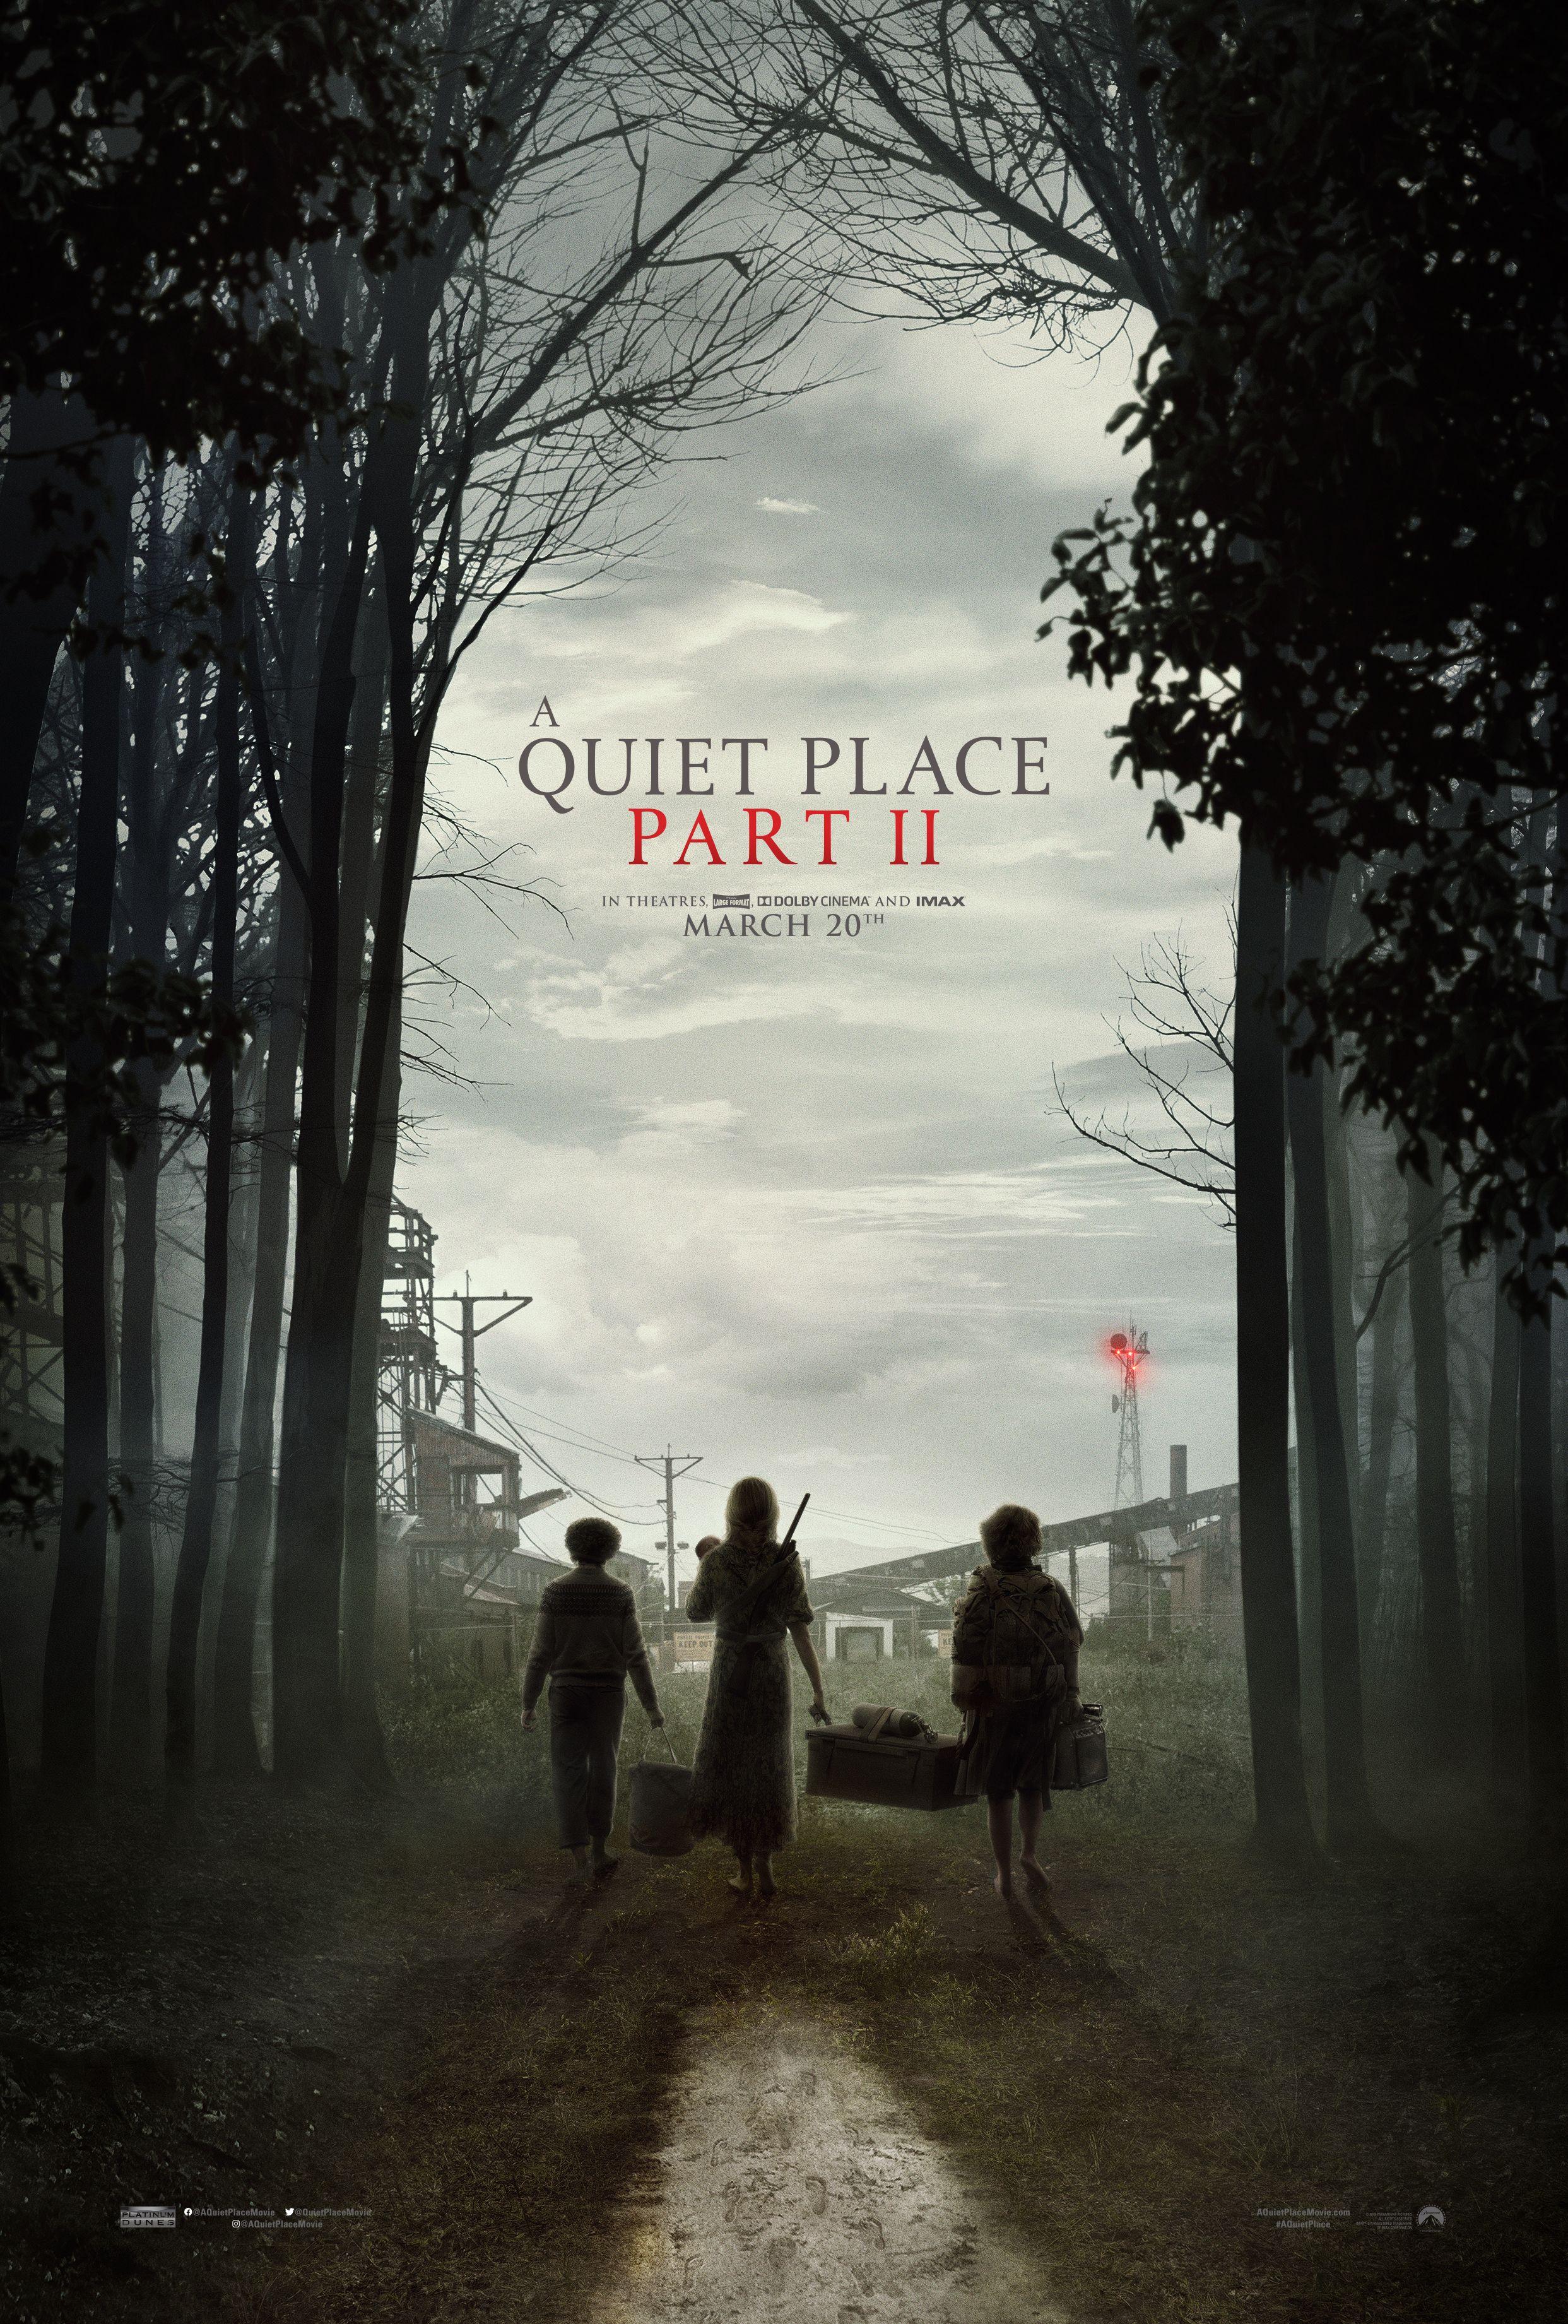 A Quiet Place Part Ii First Look Teaser Filmes Completos E Dublados Filmes Completos Online Filmes Para Assistir